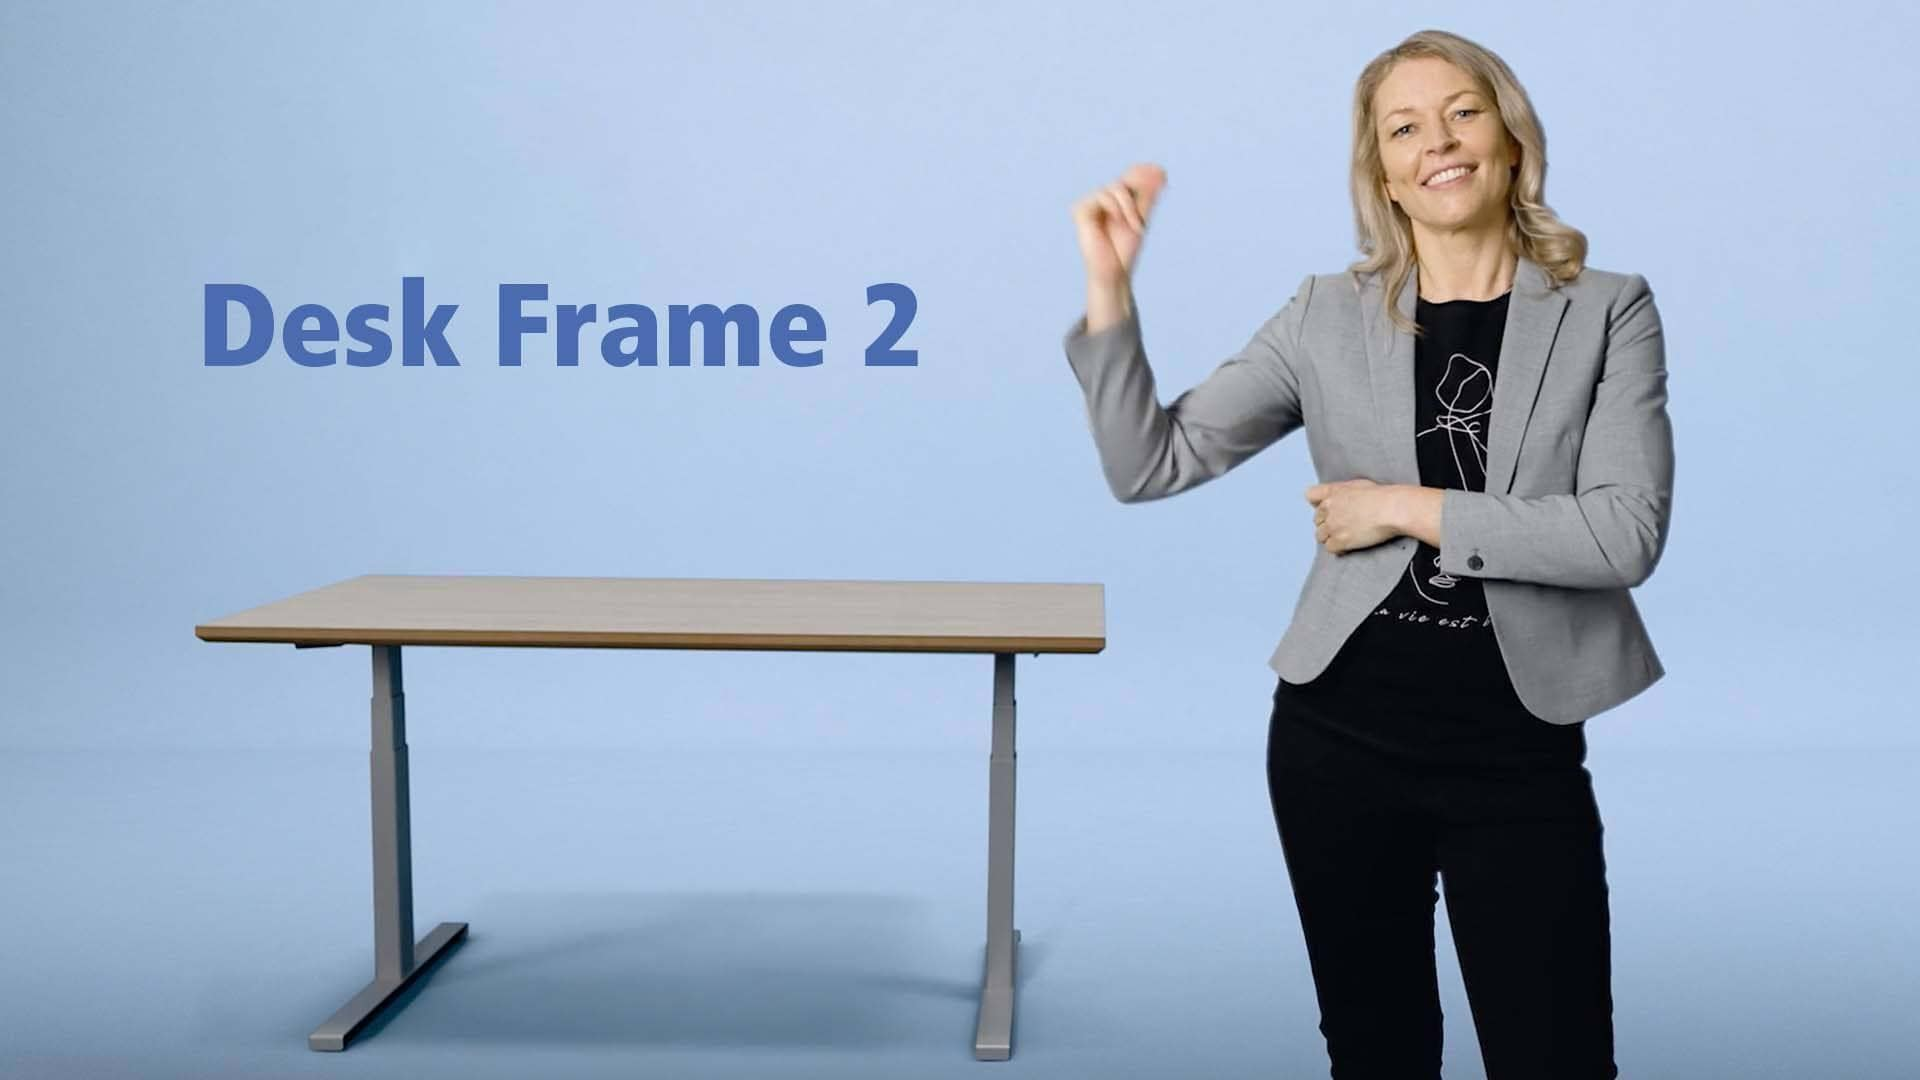 Desk Frame 2 – 직관적인 프레임 솔루션